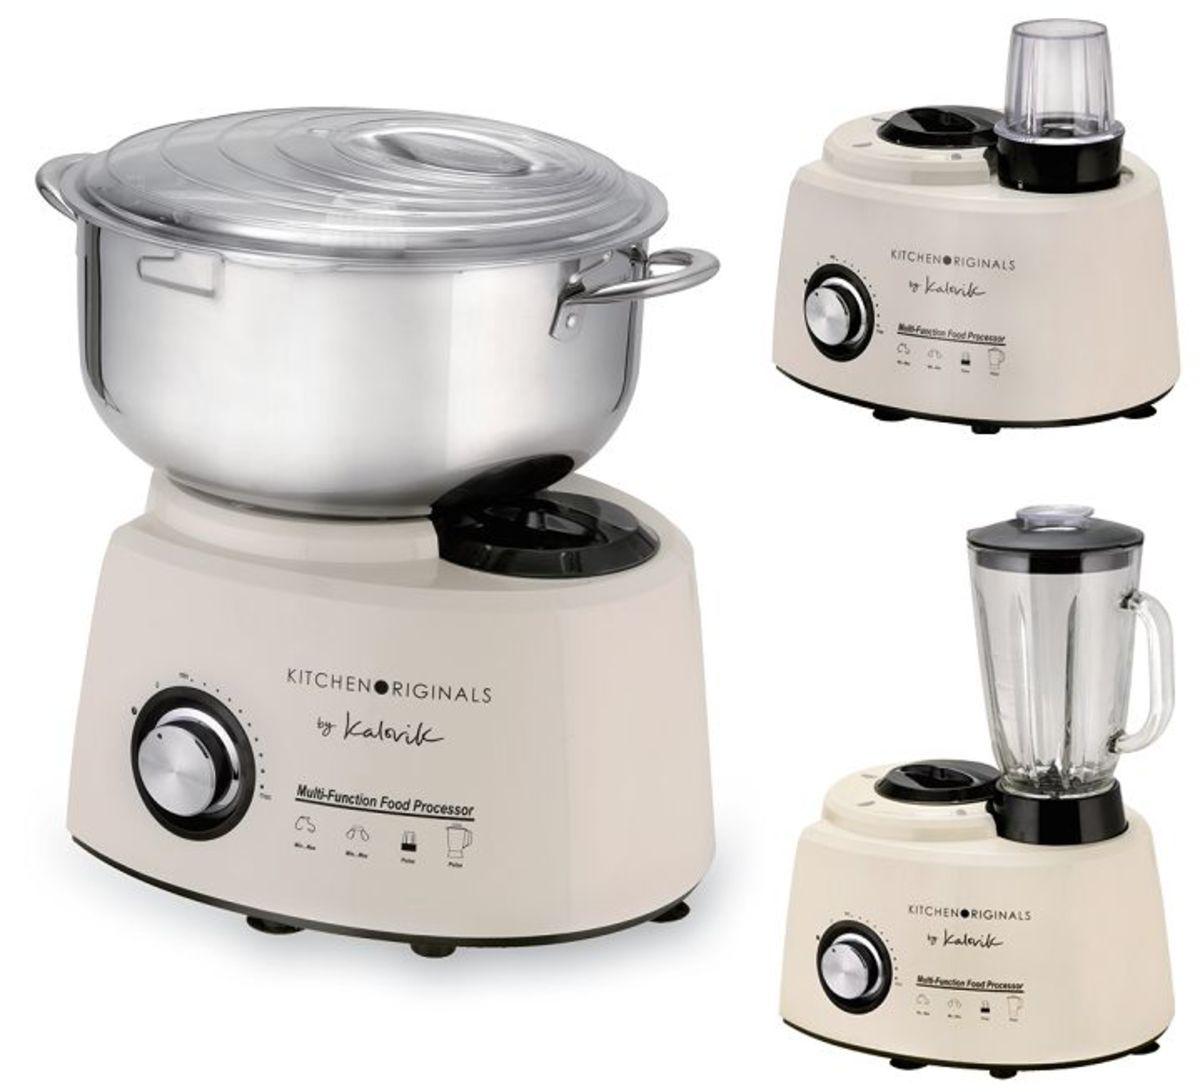 Bild 4 von KitchenOriginals 3 in 1 Küchenmaschine TKG HA 1007 Creme-Weiß mit Standmixer- & Zerkleinereraufsatz